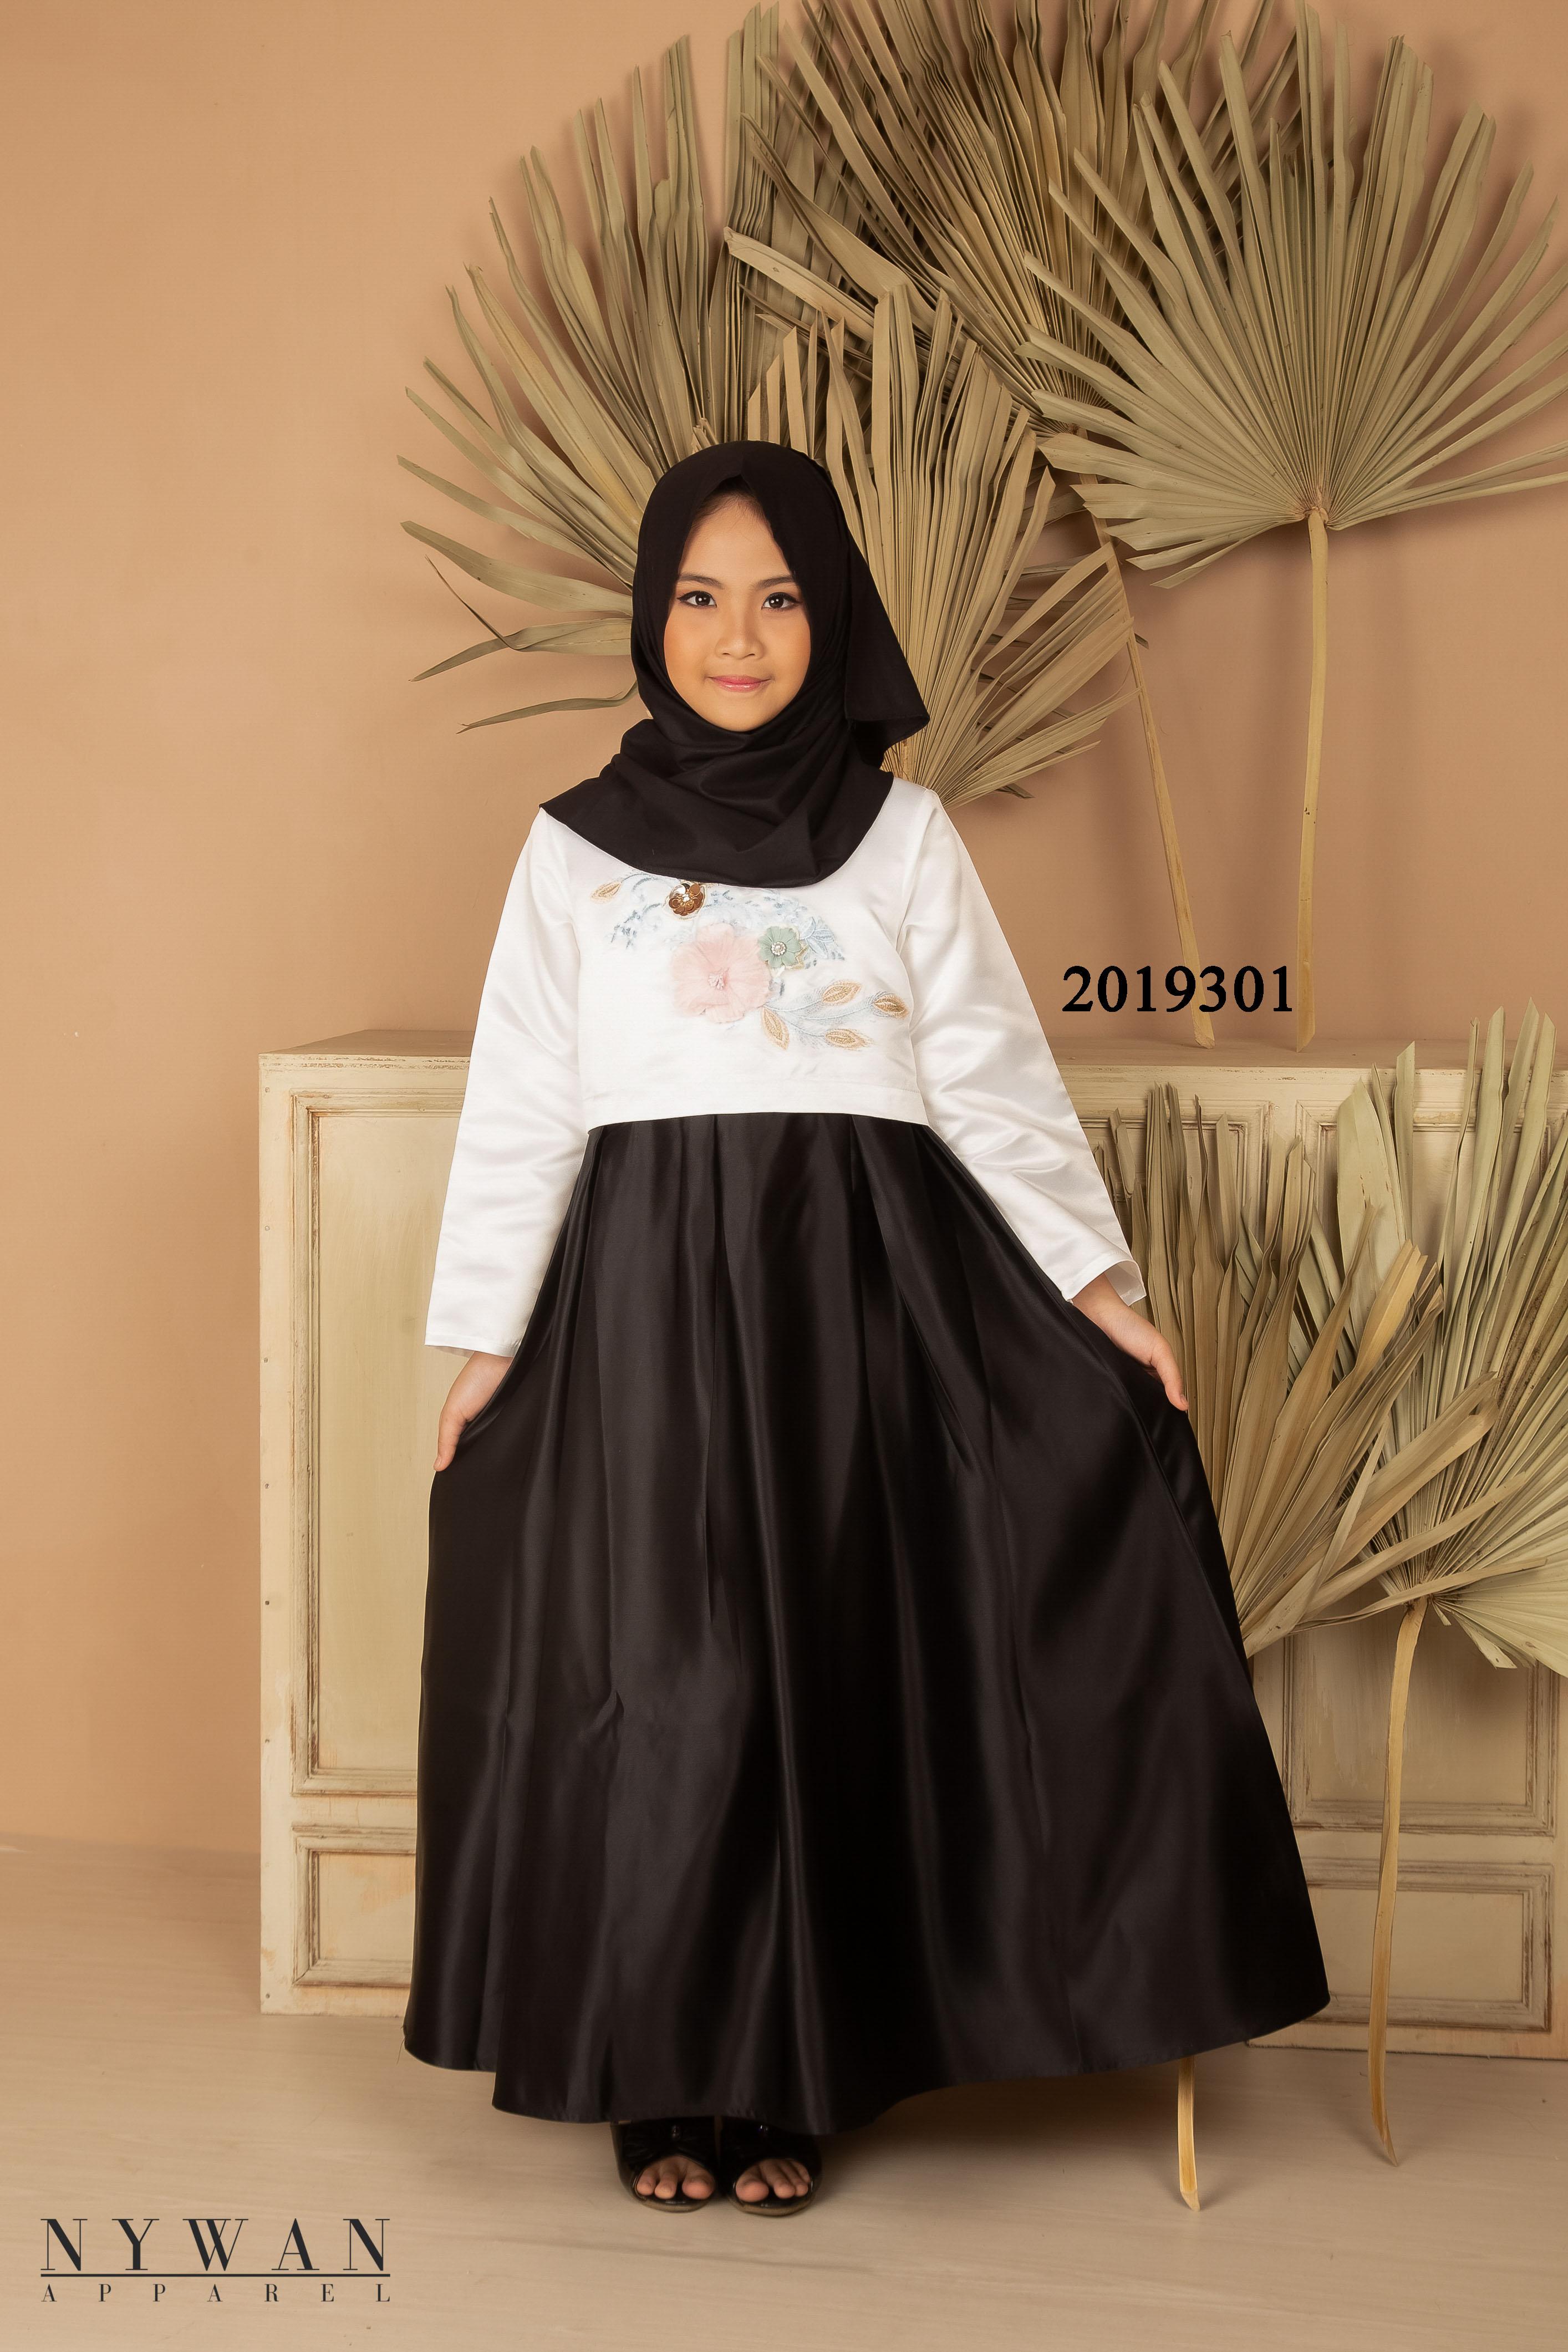 nywan apparel baju gamis pesta anak 303